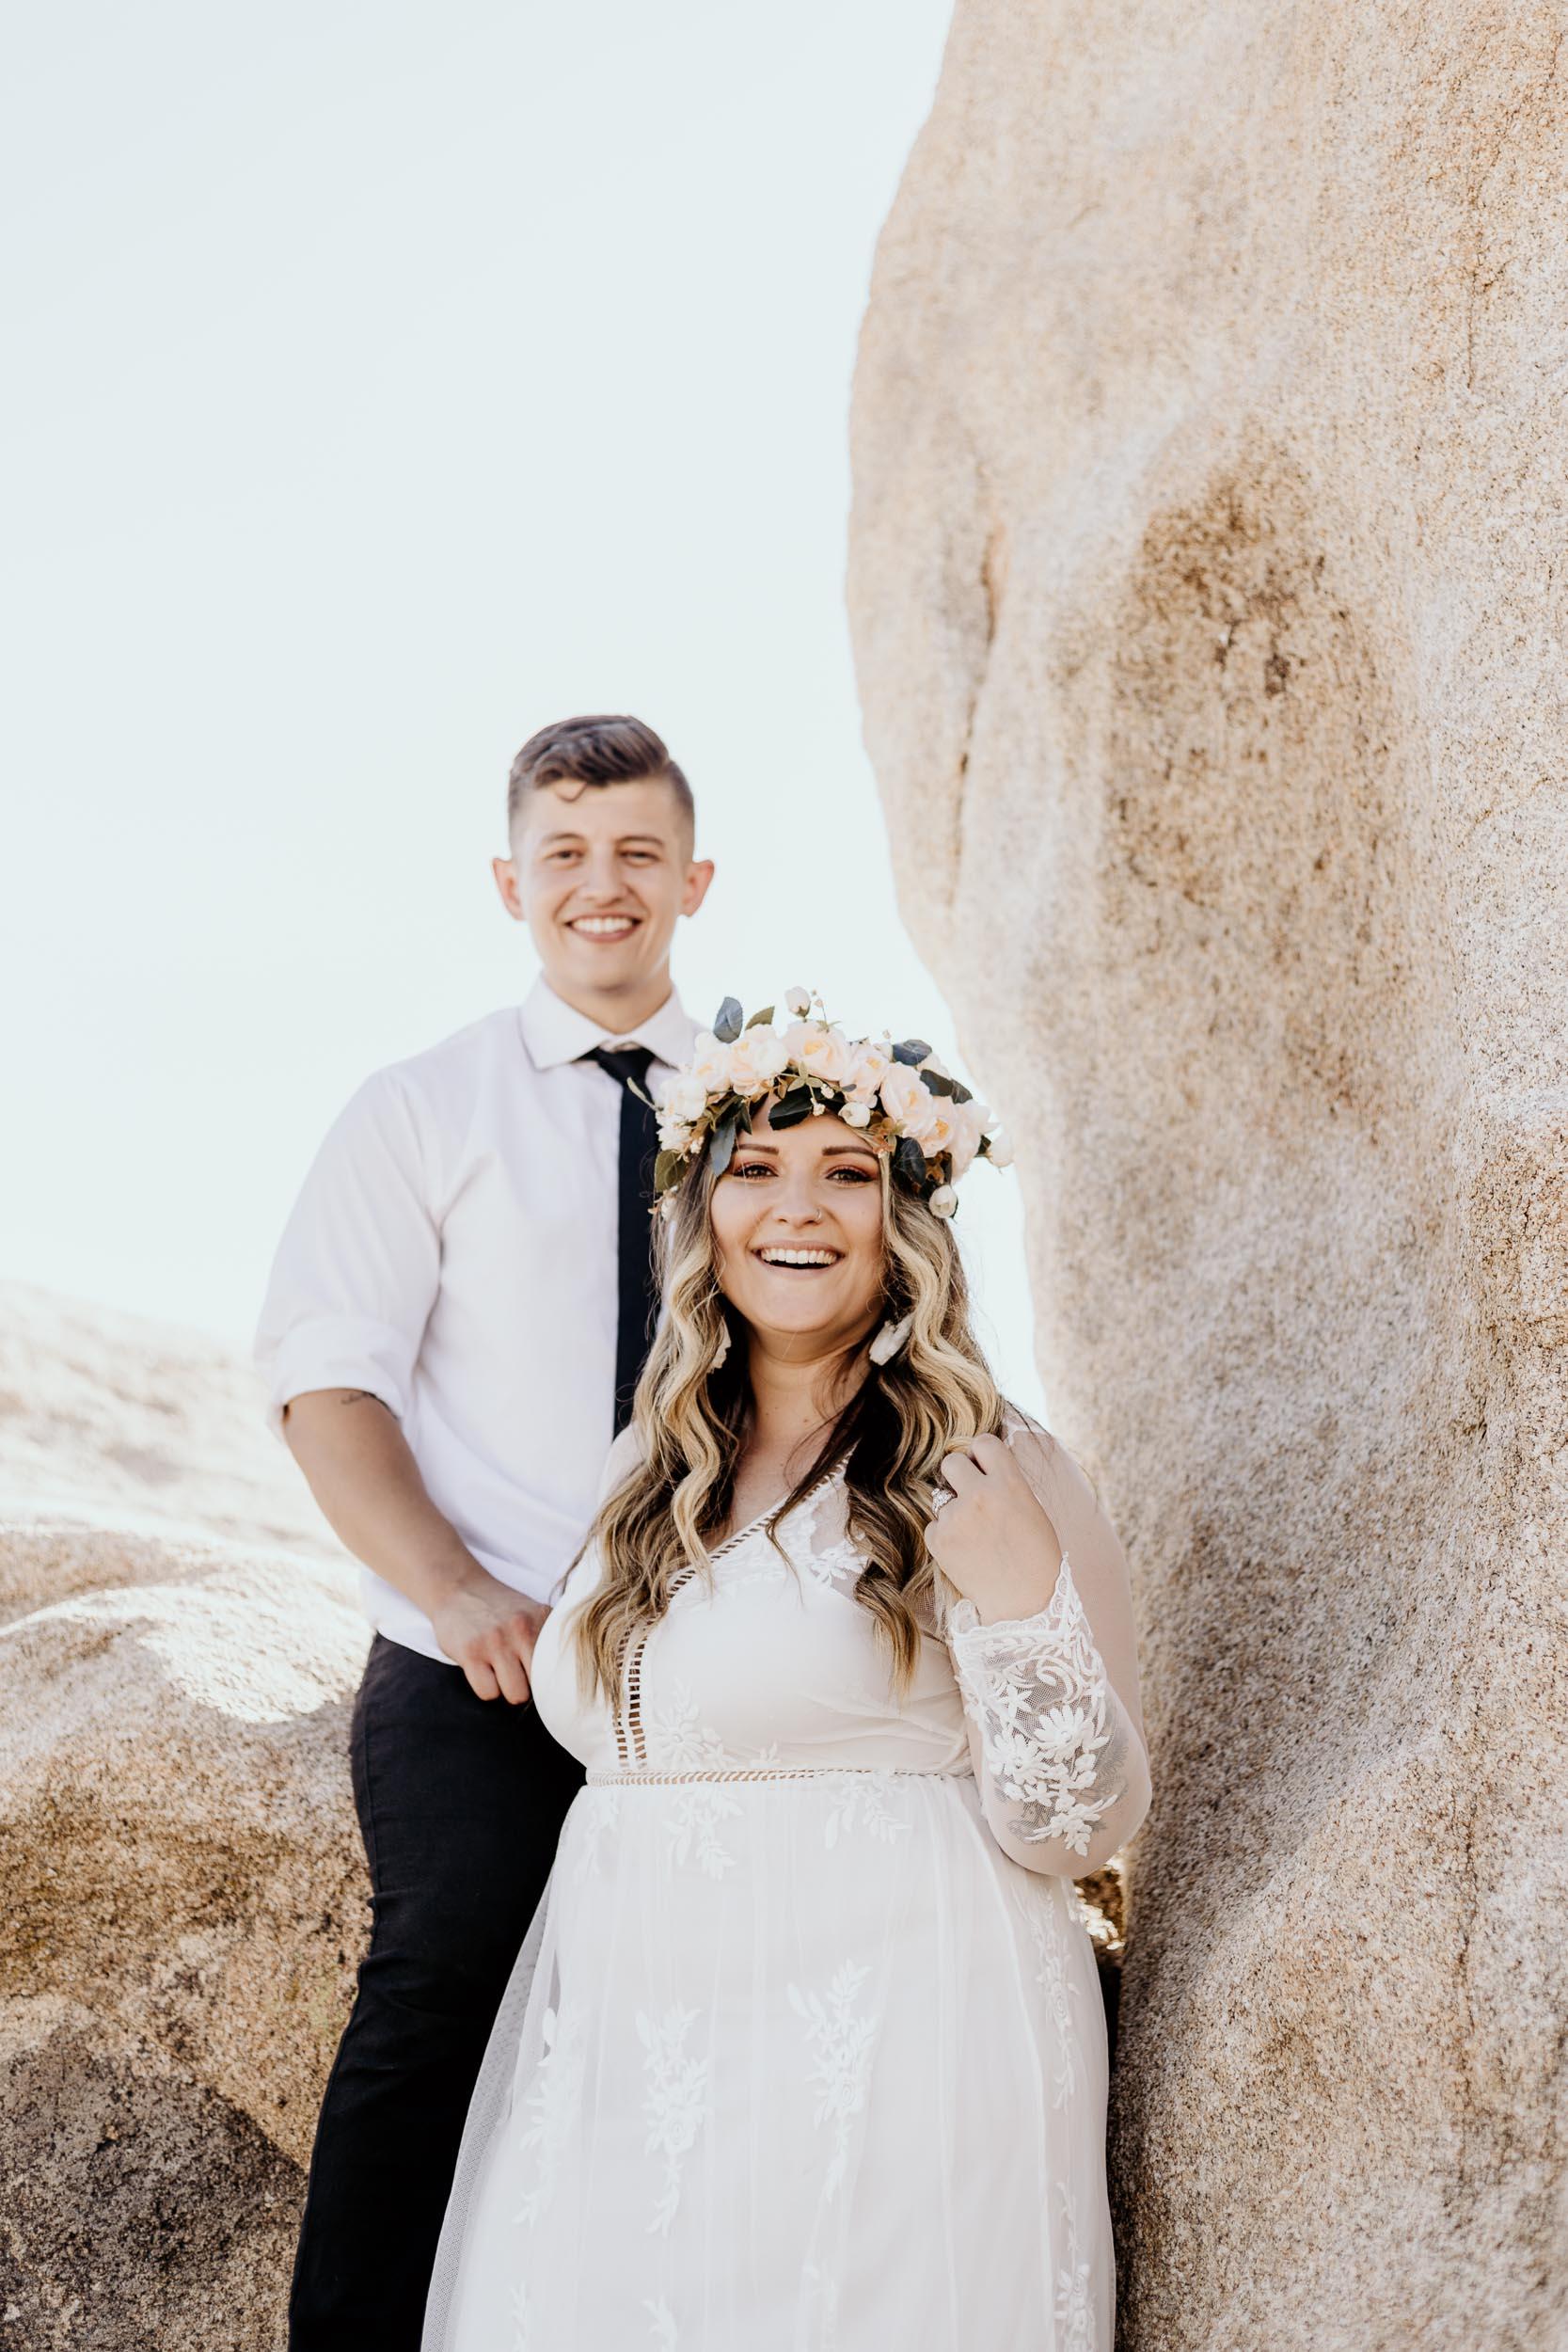 intimate-wedding-elopement-photographer-ottawa-joshua-tree-0740.jpg